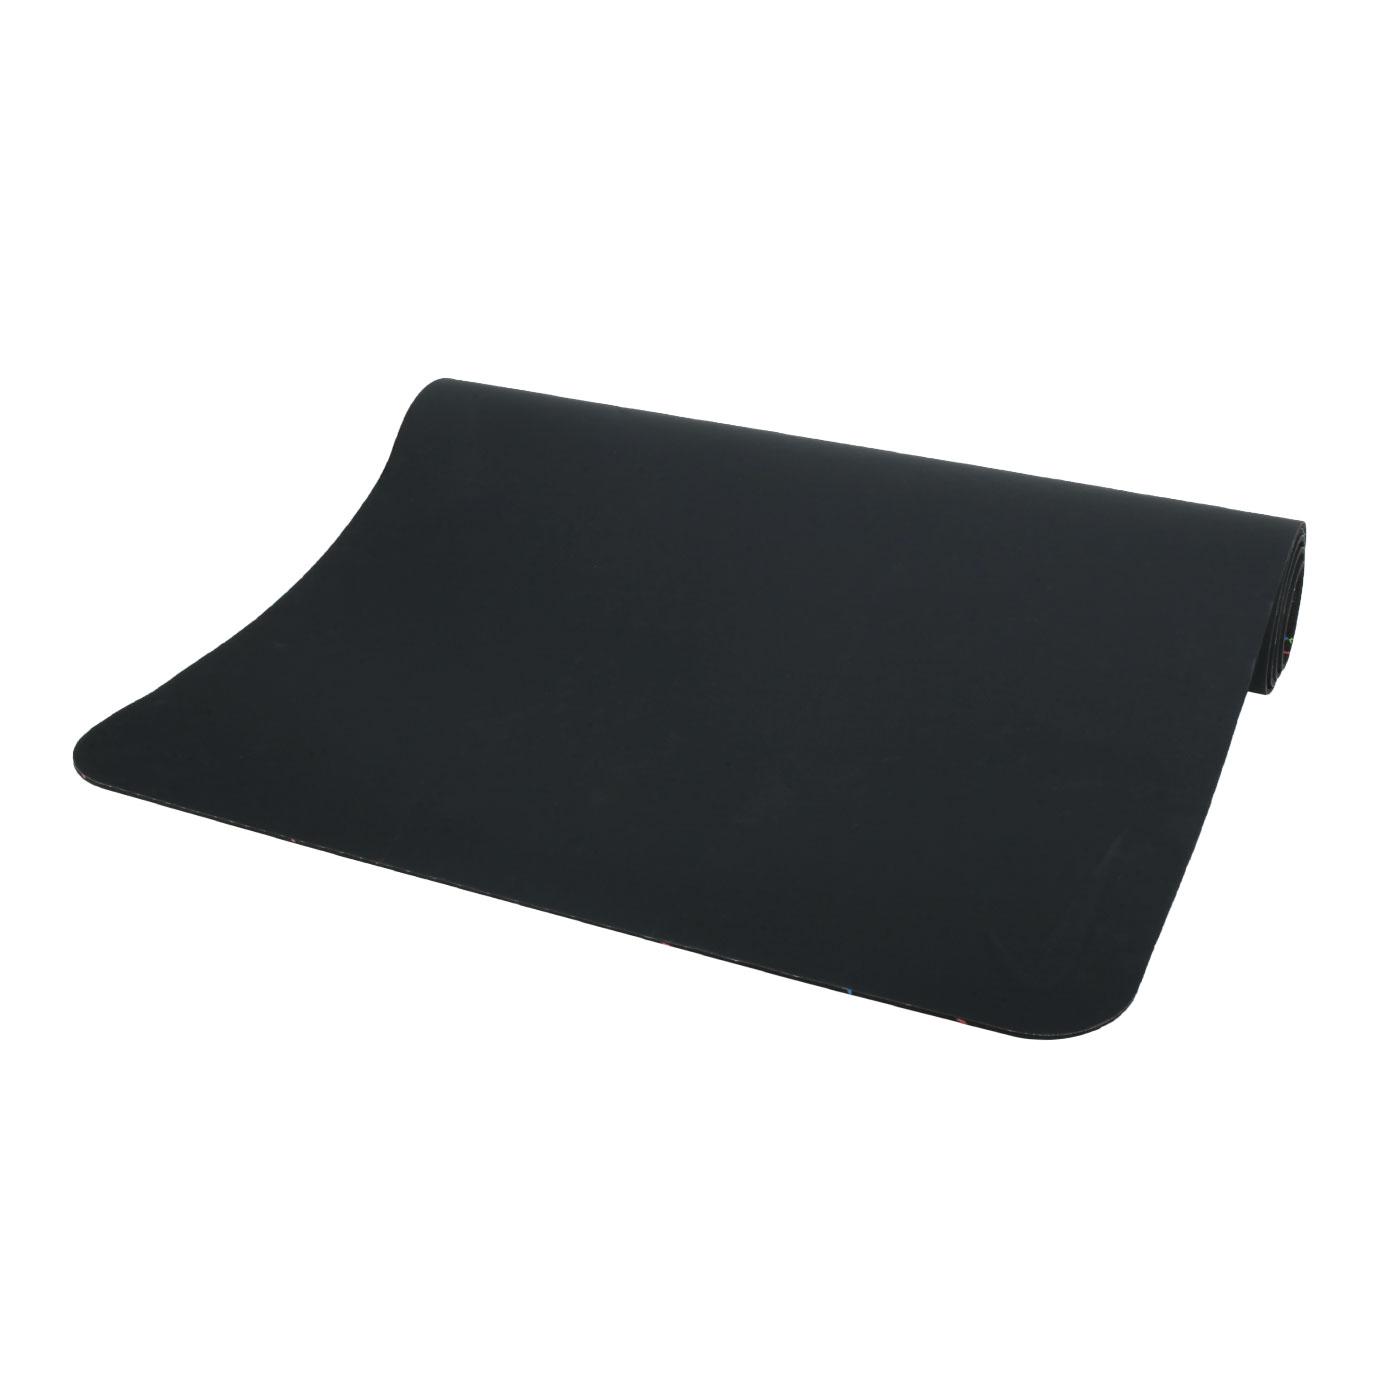 NIKE 5MM 瑜珈墊 180CM 45D N1001621001OS - 黑